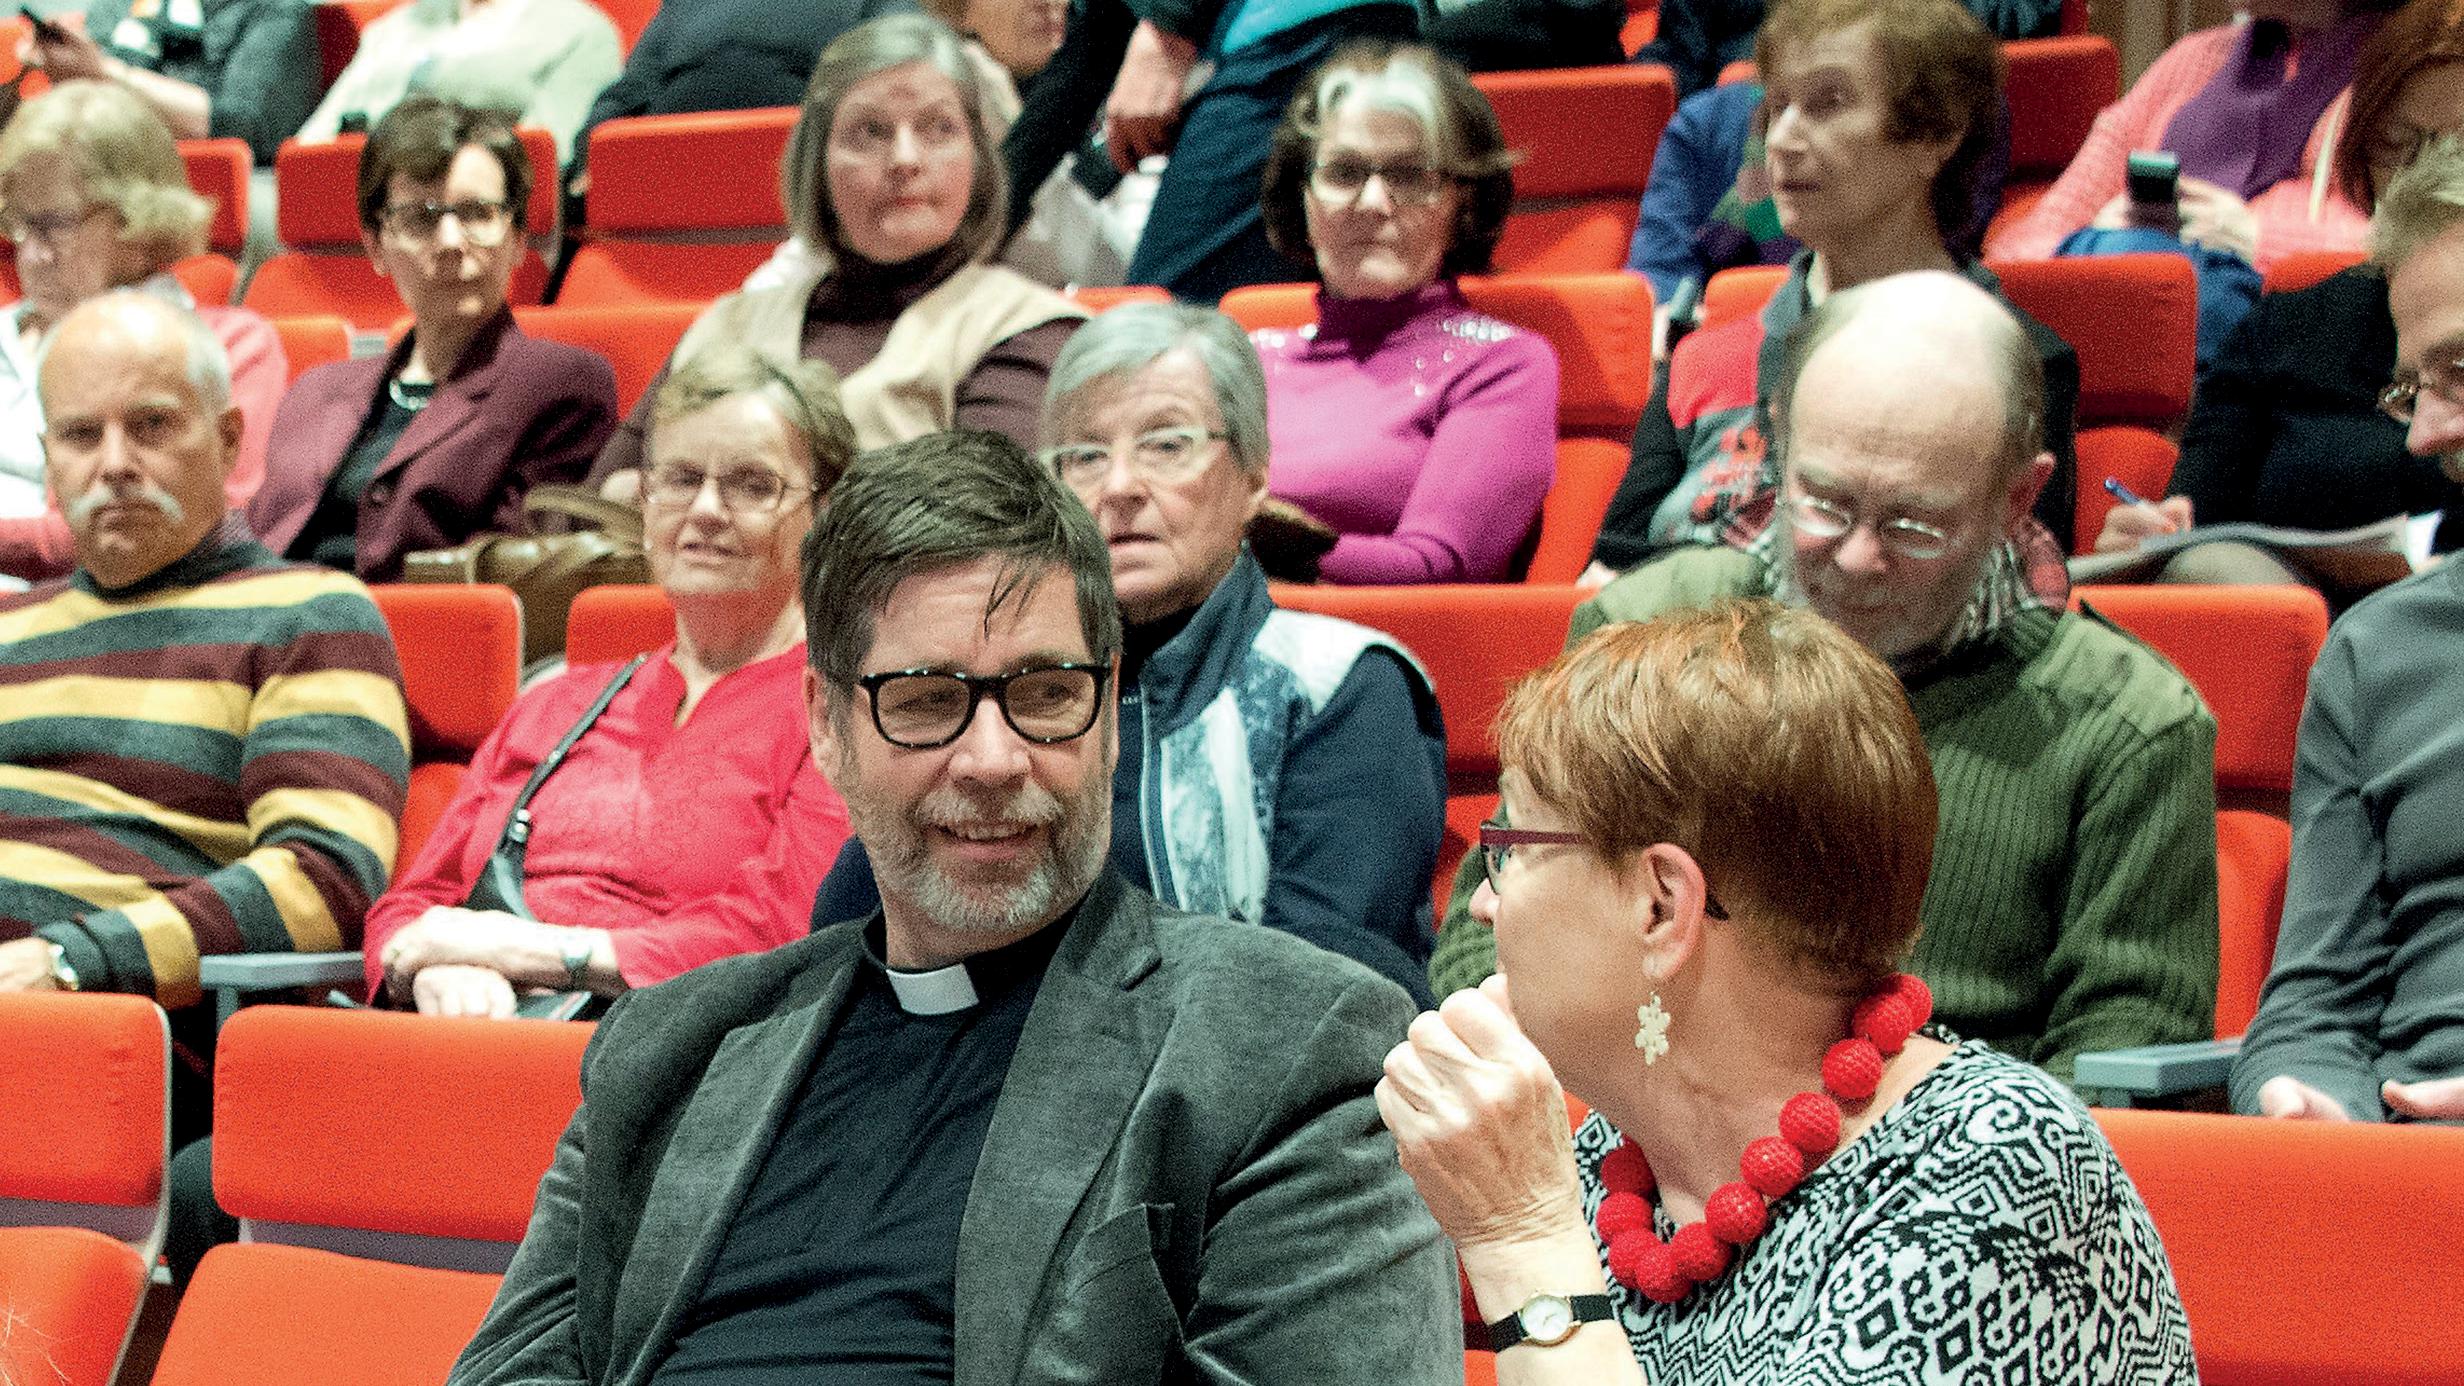 Vapaa-ajattelijat ja seurakunta yhteistyössä – uskomatonta? | Vapaa-ajattelijain Liitto ry